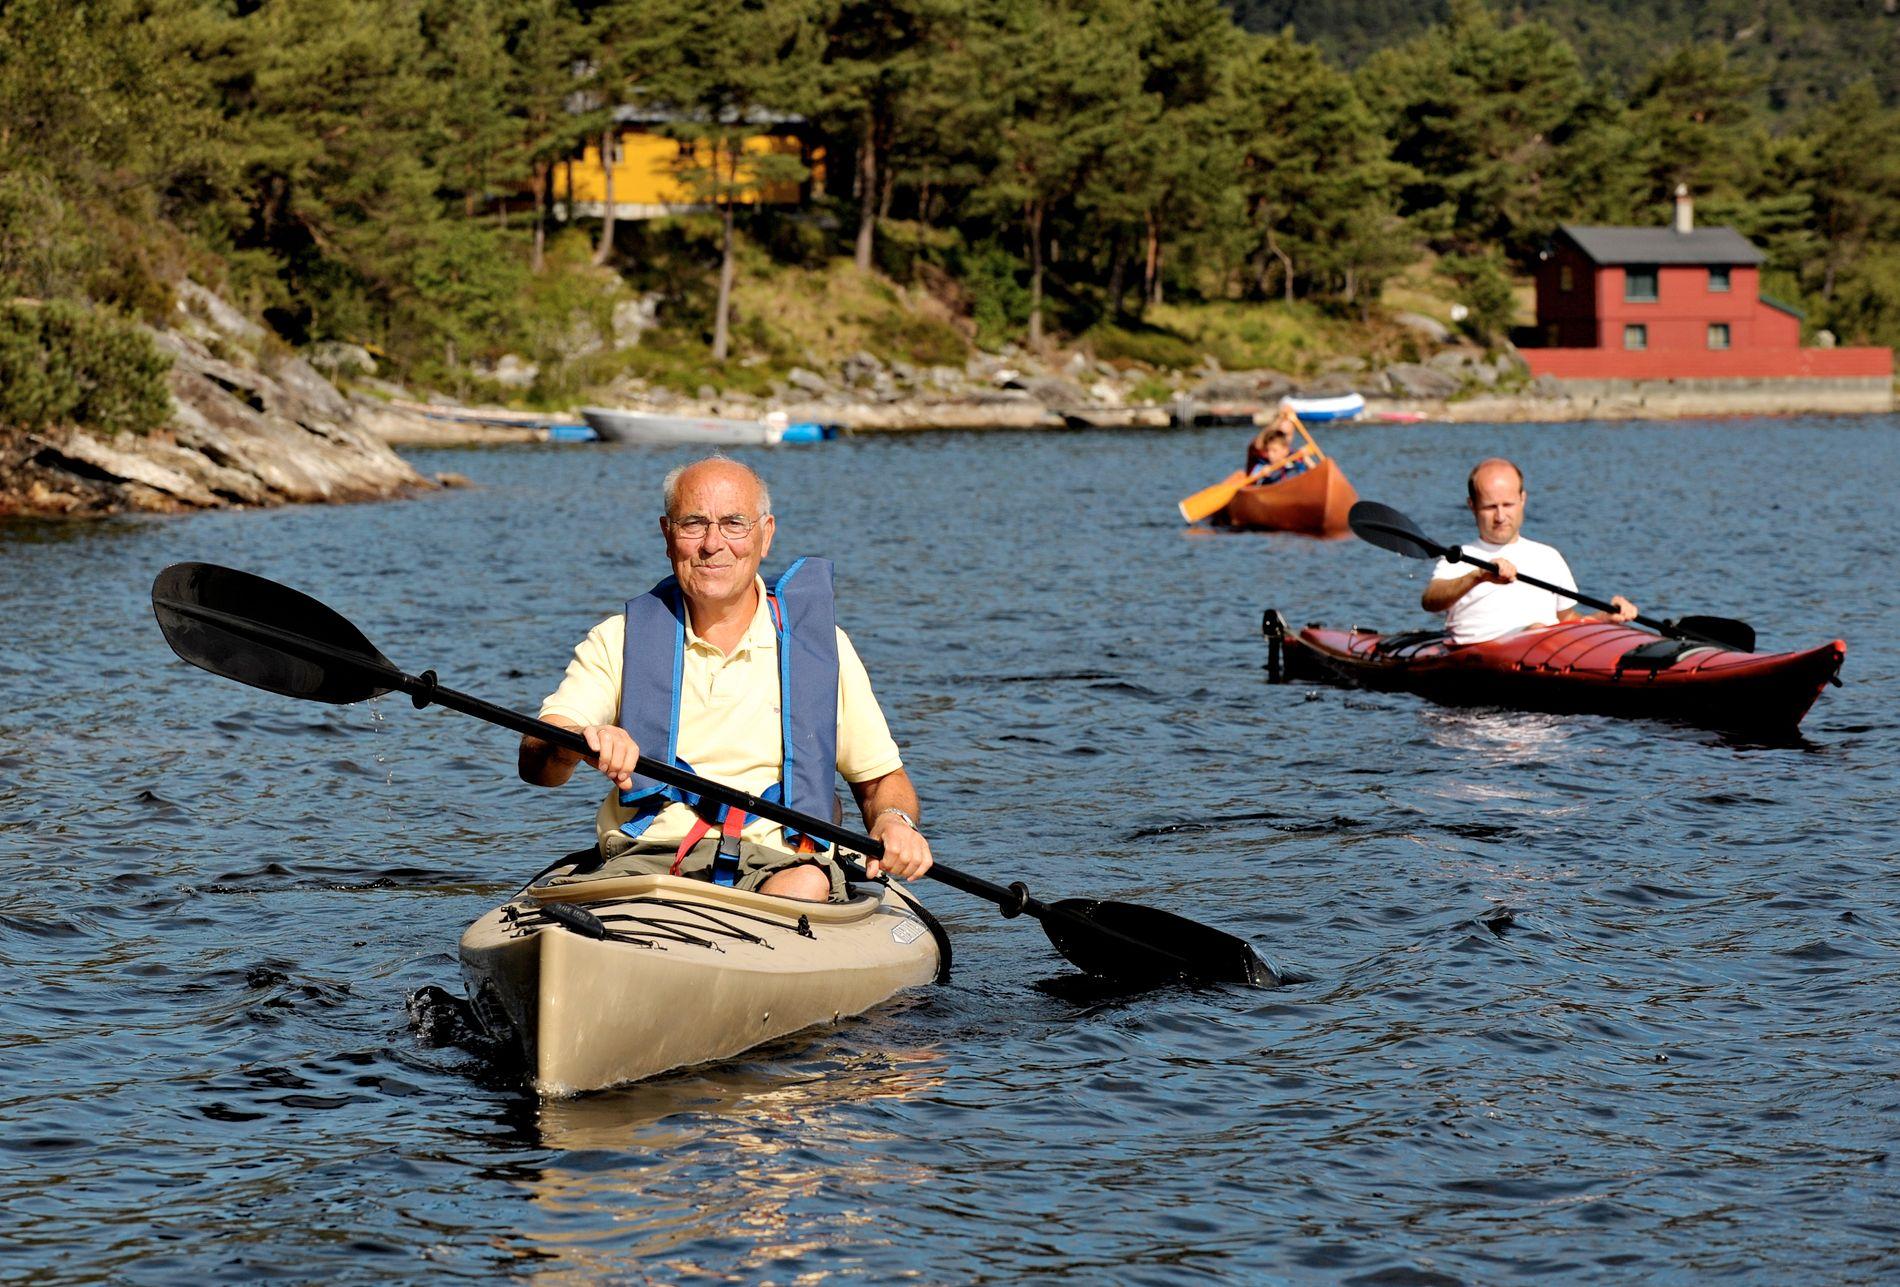 I PAKT MED NATUREN: Utstyrt med kikkert gled han rolig av gårde i en kano for å betrakte dyrelivet før dagen startet, skriver Trond Albert Skjelbred (t.h.) om svigerfaren Helge Jakobsen (t.v.)